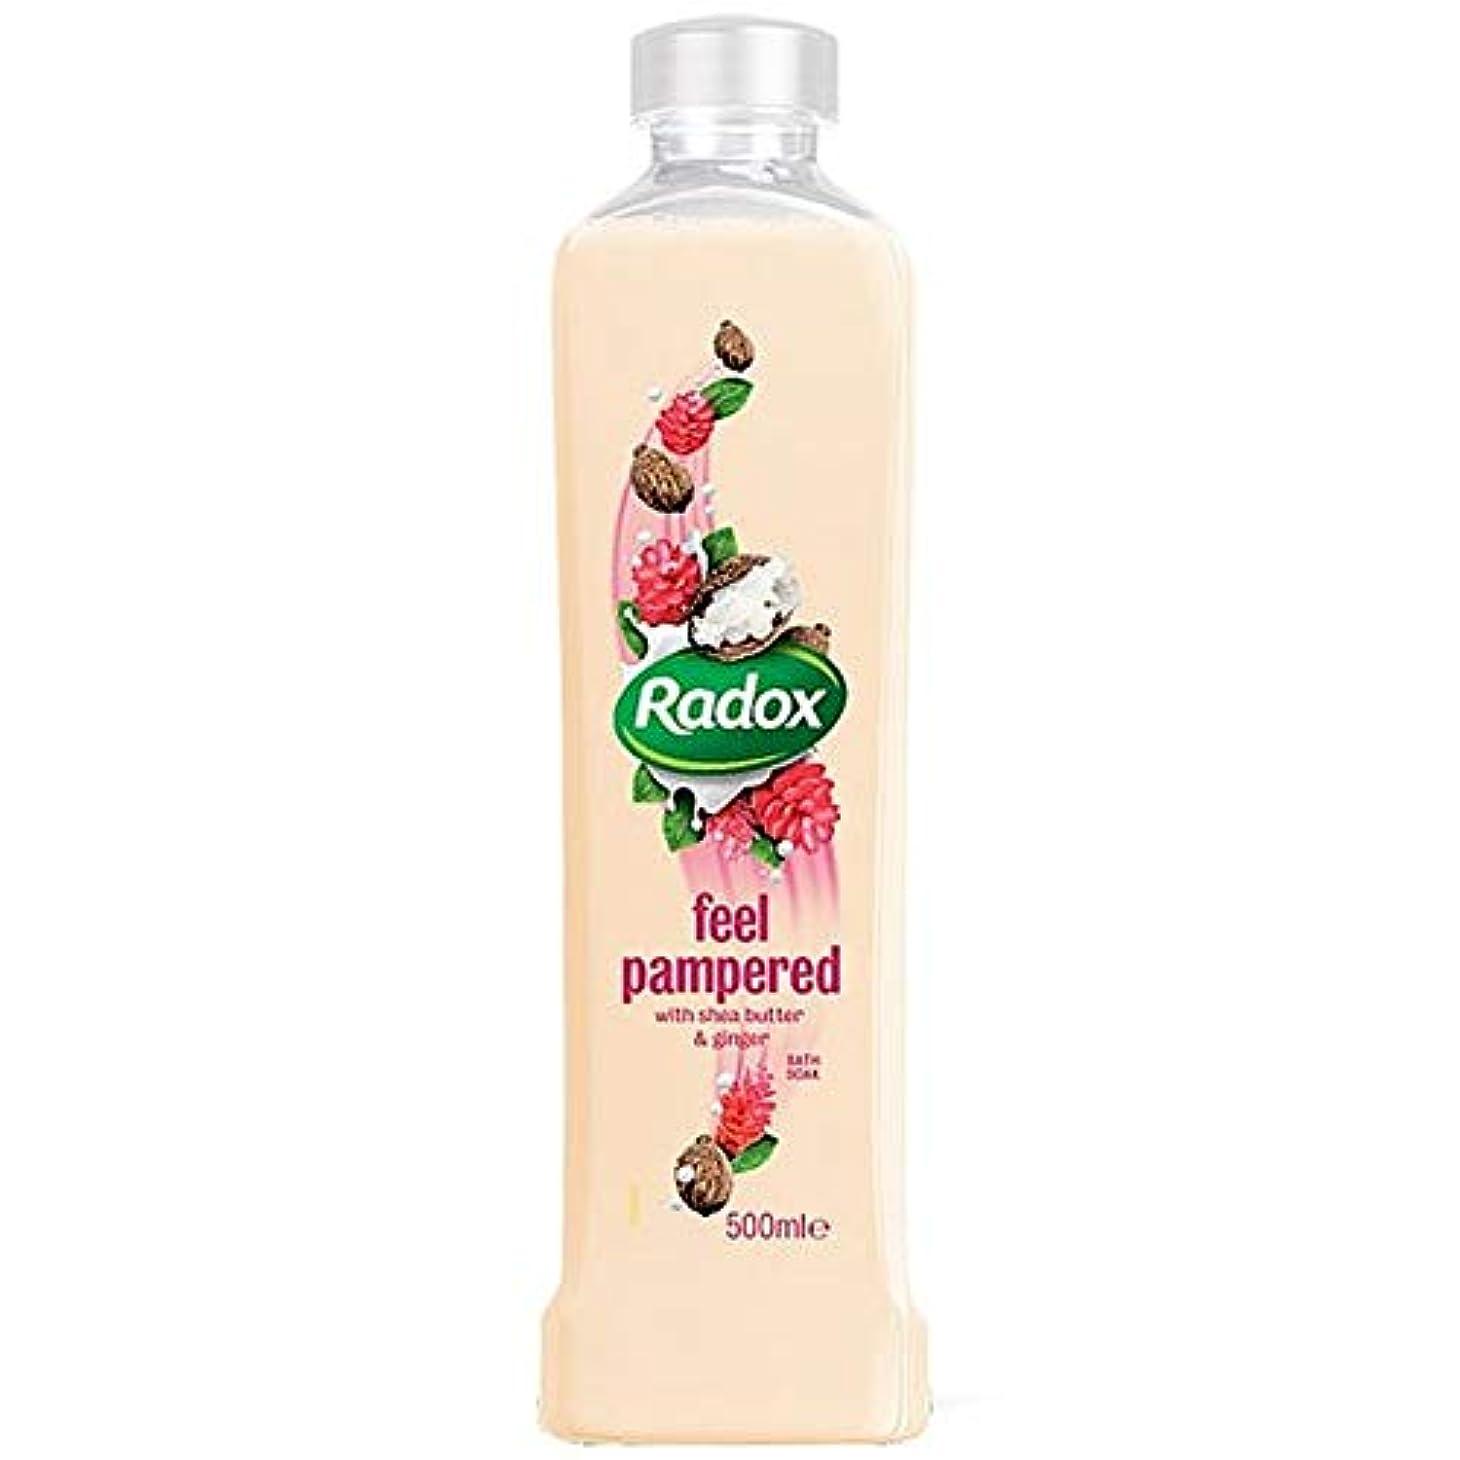 ビジョン太い破裂[Radox] Radoxは、500ミリリットルのソーク甘やかさ風呂を感じます - Radox Feel Pampered Bath Soak 500Ml [並行輸入品]